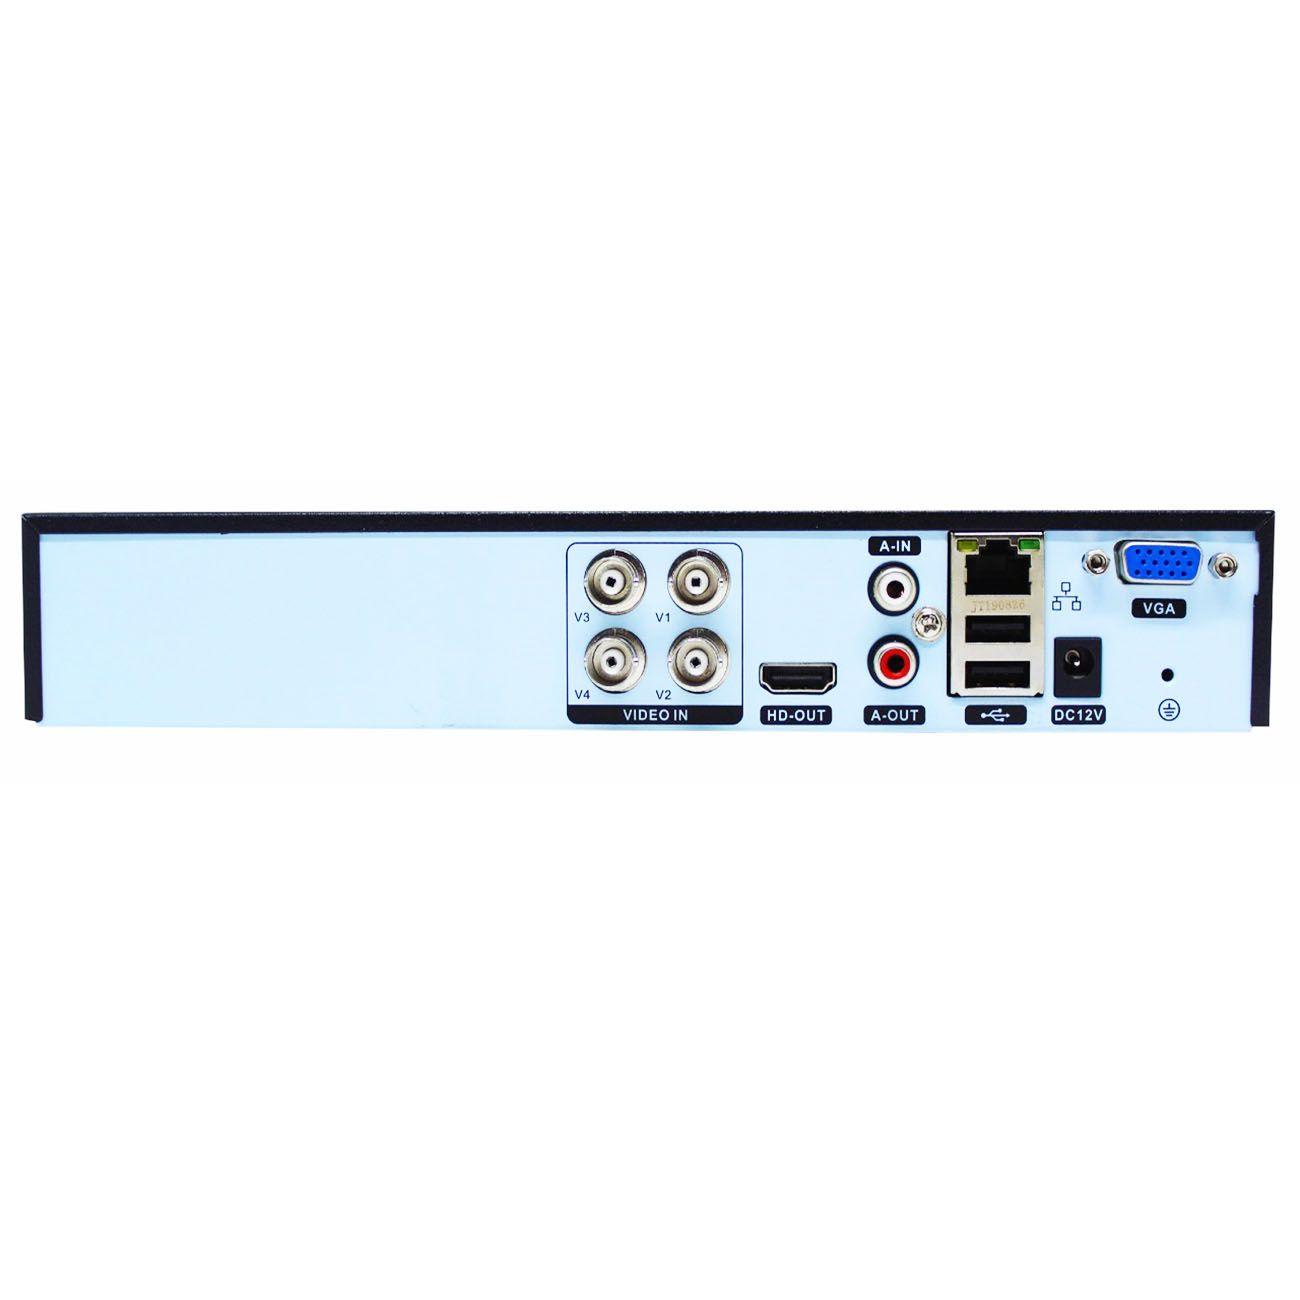 Kit 2 Câmeras de Segurança IP HD 720p Wifi + DVR/NVR Pentaflex 5 em 1 + Fonte 12V